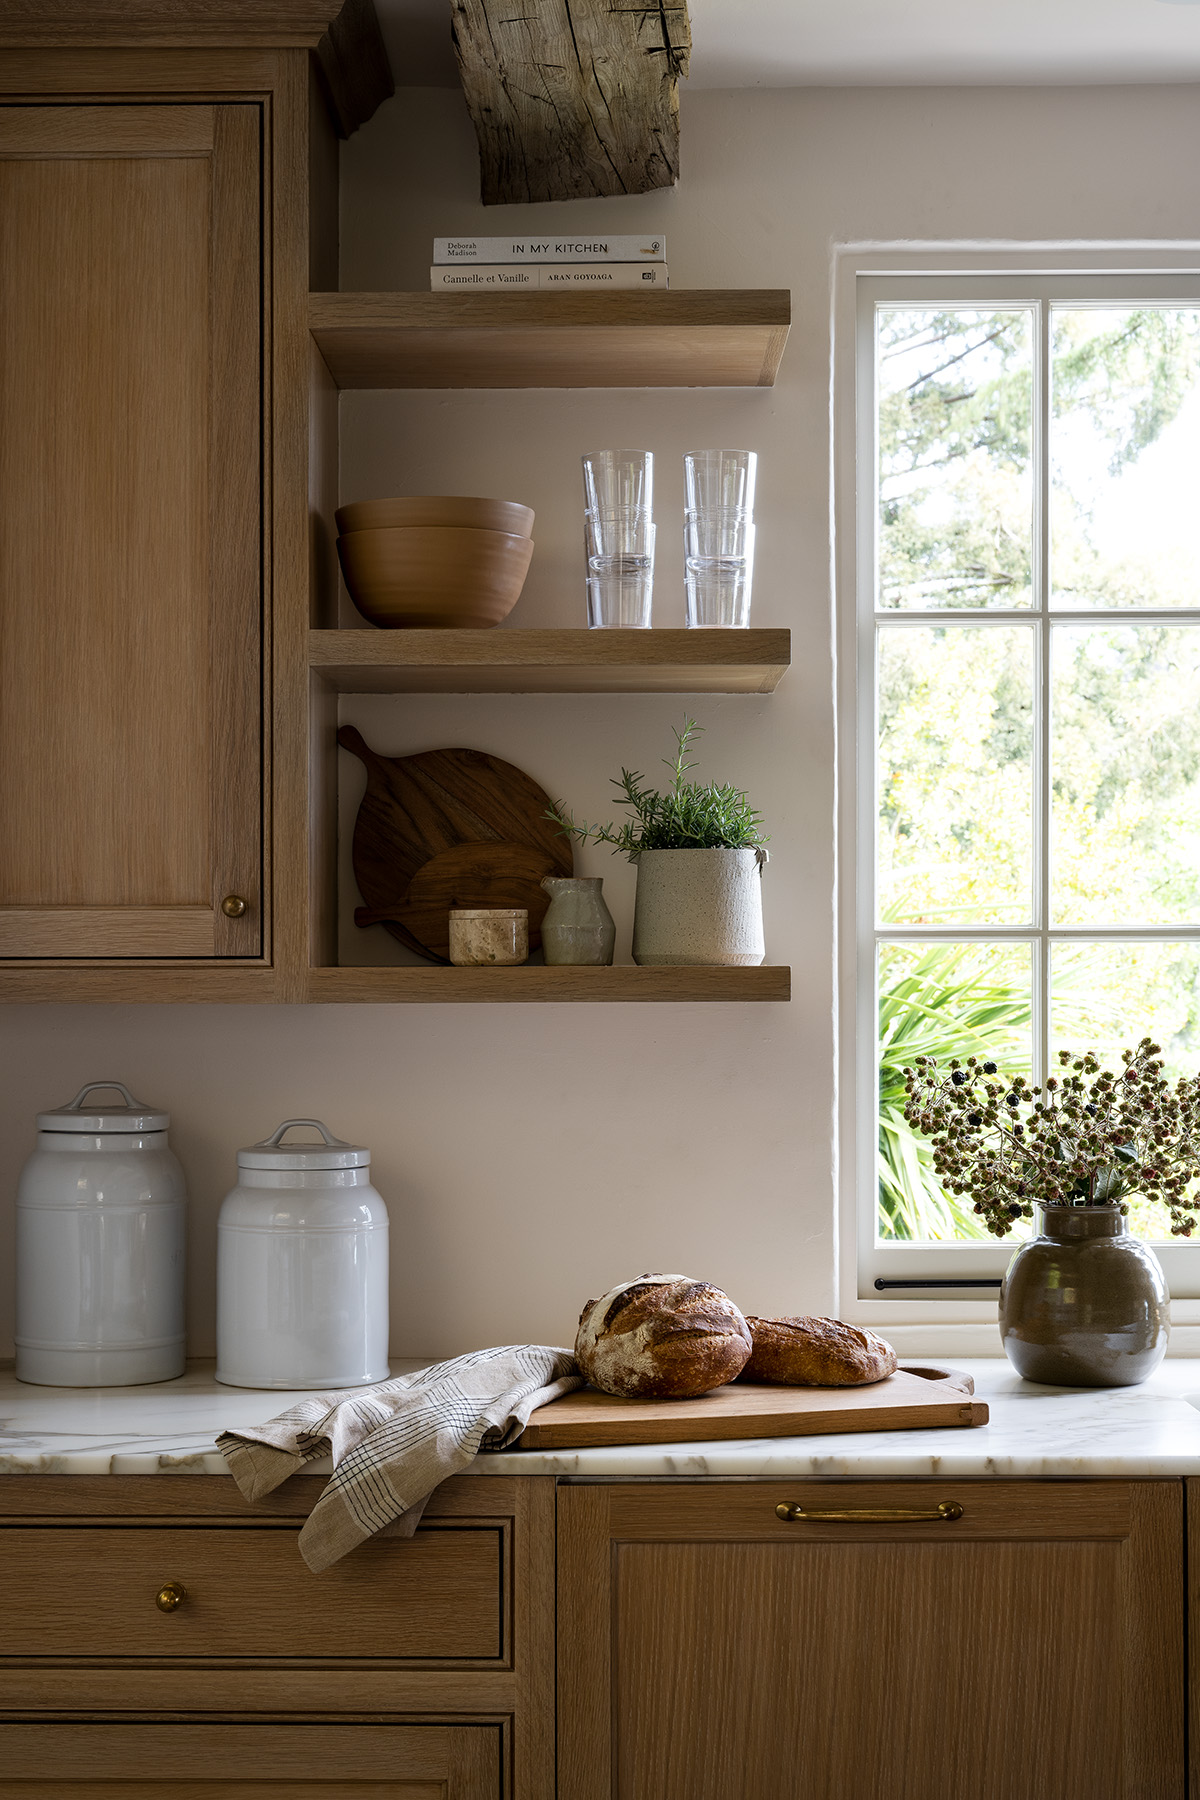 4 Kitchen Organization Tips